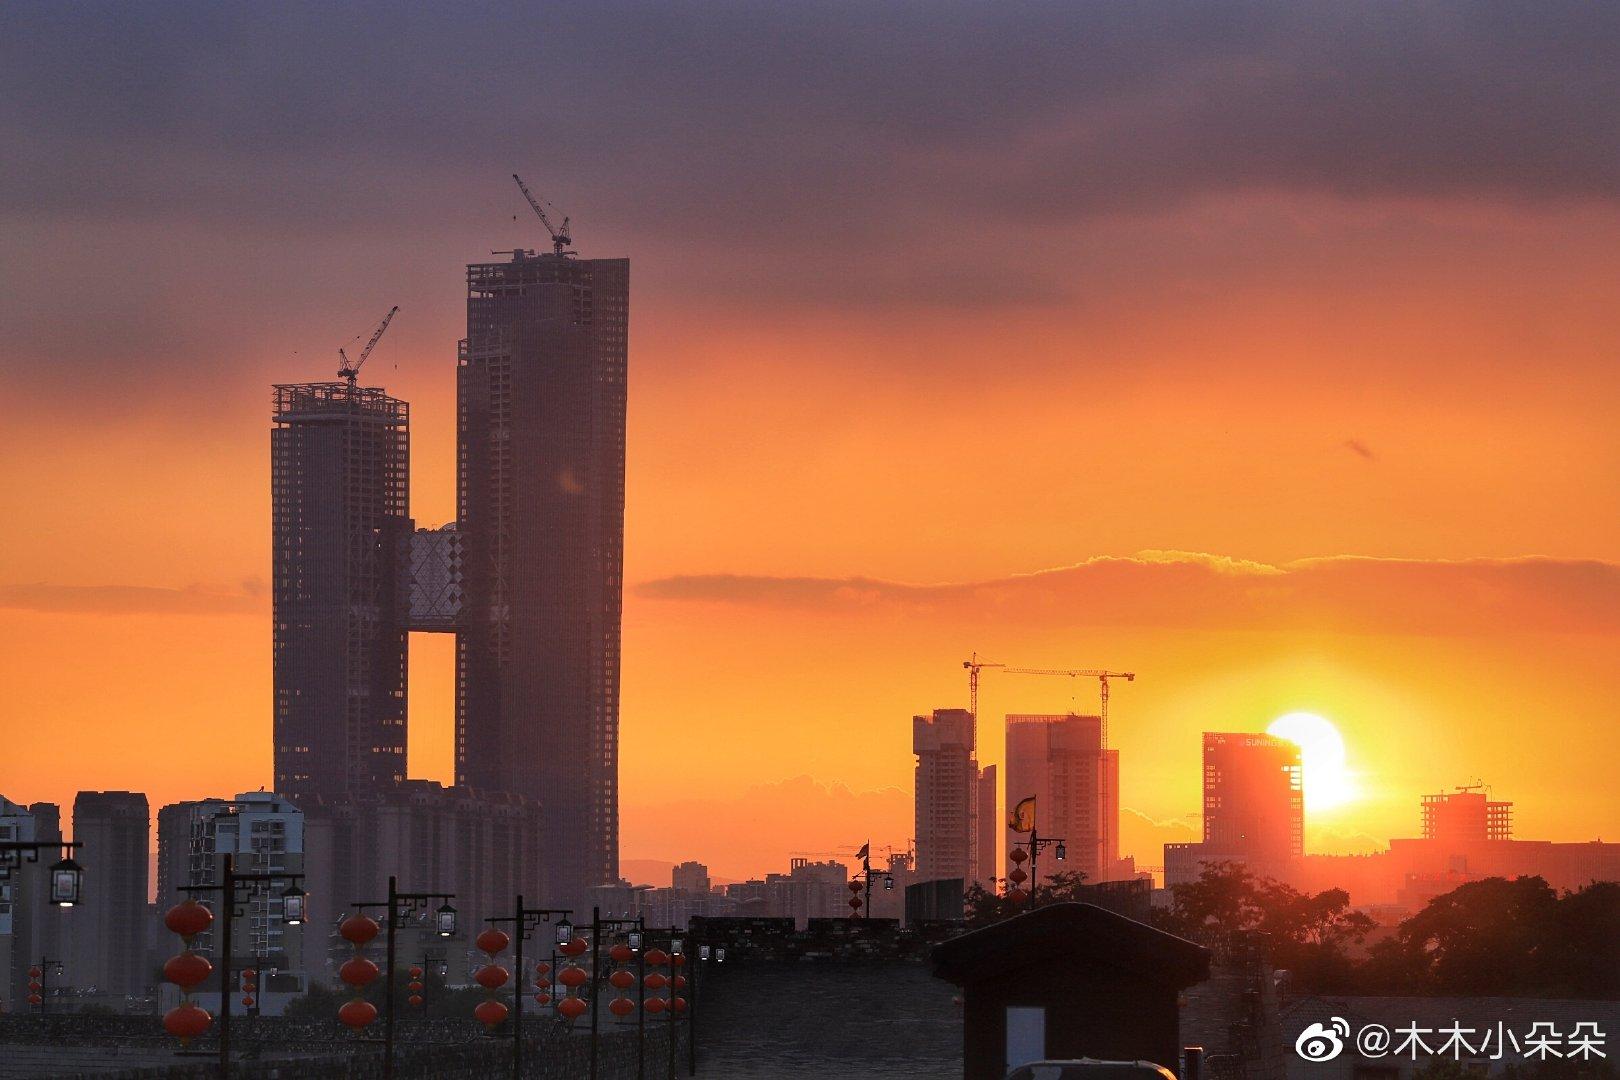 晓看天色暮看云,这几天的南京晚霞绚丽无比,可以出圈啦